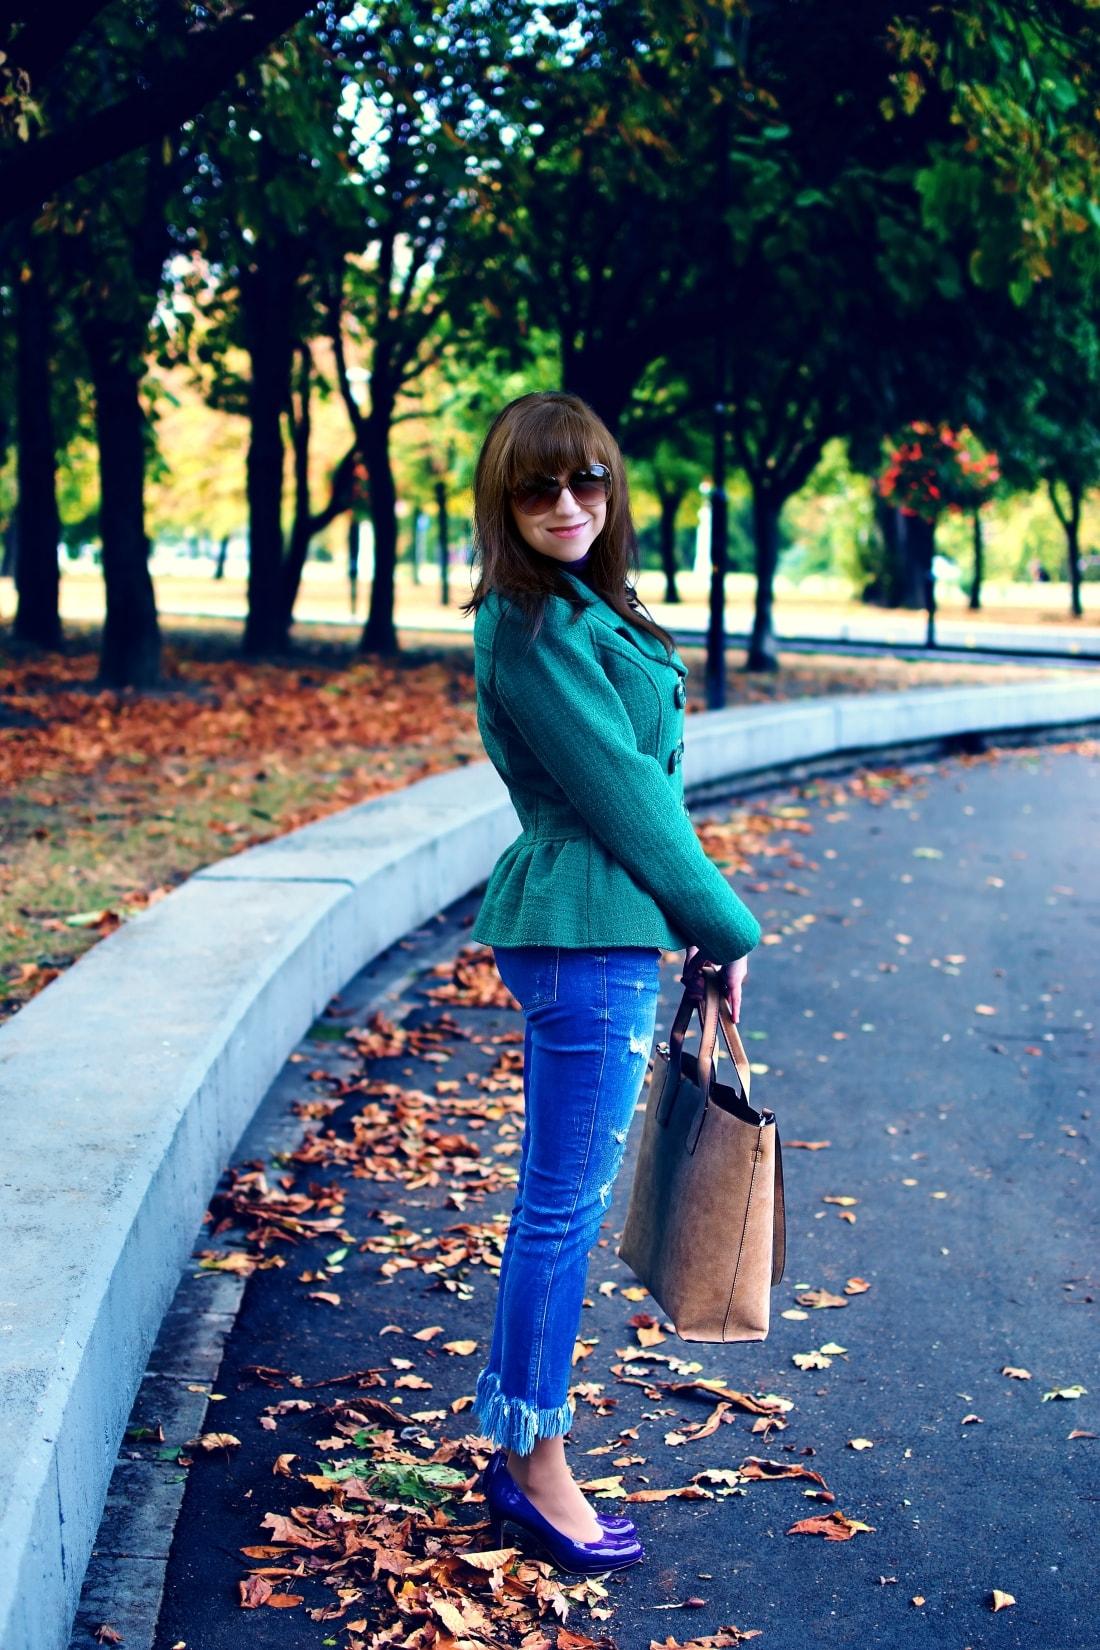 Čaro mesačného svitu_Katharine-fashion is beautiful_blog 3_Zelený kabát_Džínsy Zara_Fialové lodičky_Kabelka Parfois_Fialový rolák_Katarína Jakubčová_Fashion blogger